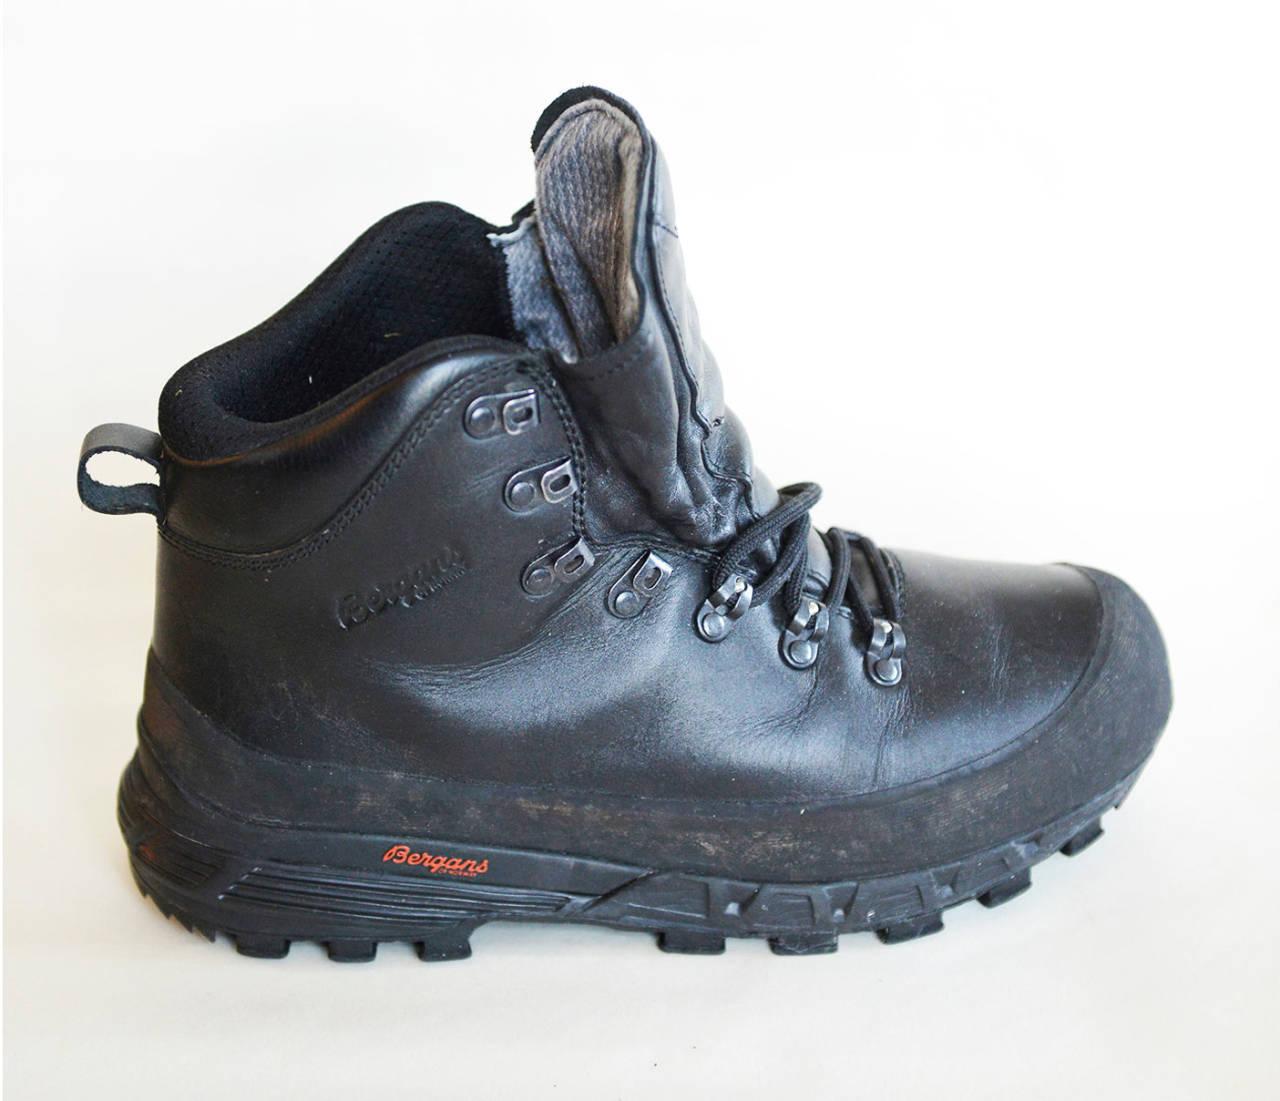 Bergans Trollhetta Trekking Boot